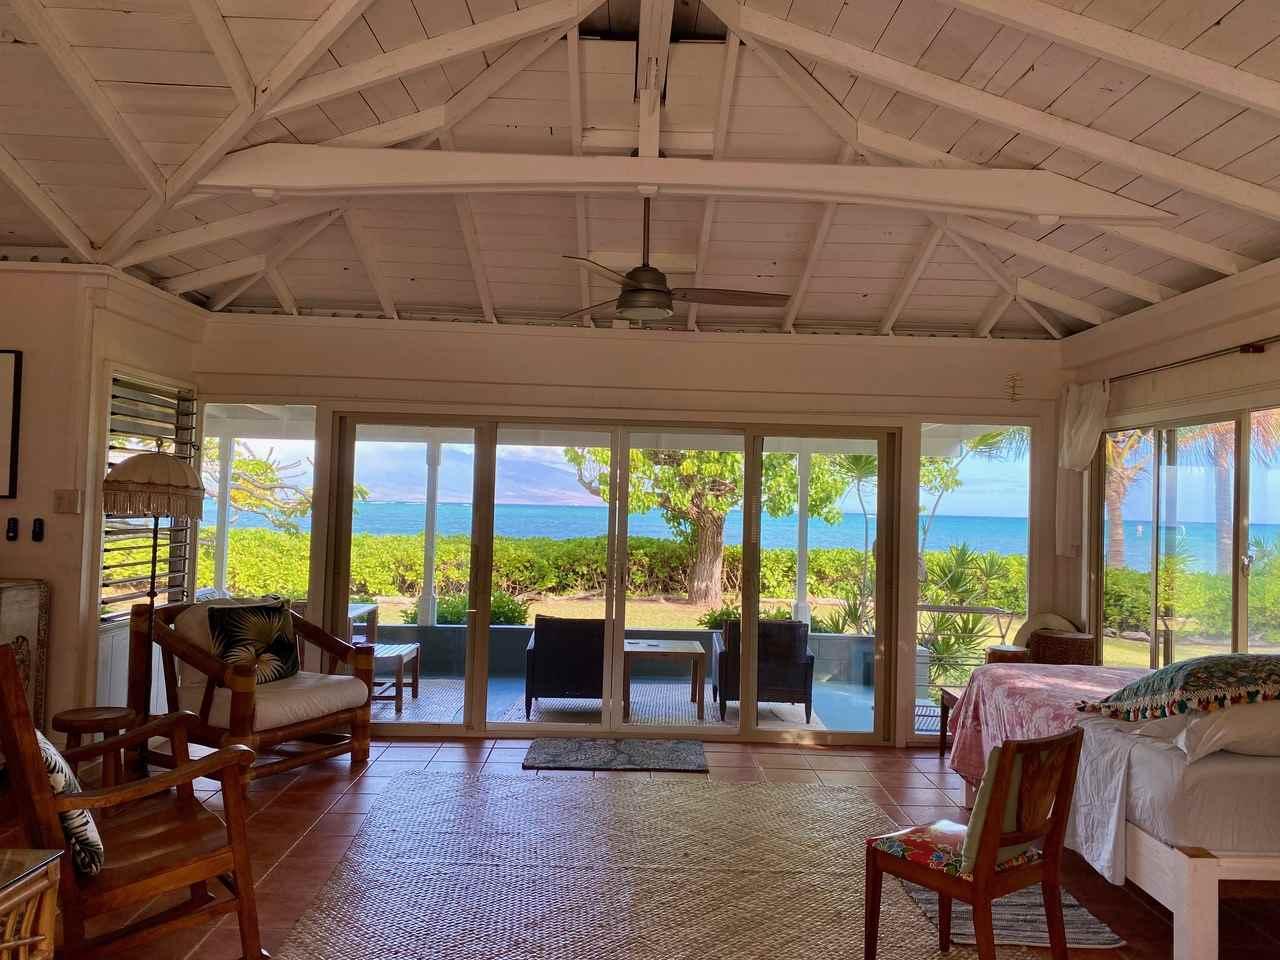 8714  Kamehameha V Hwy Puko'o, Molokai home - photo 5 of 20